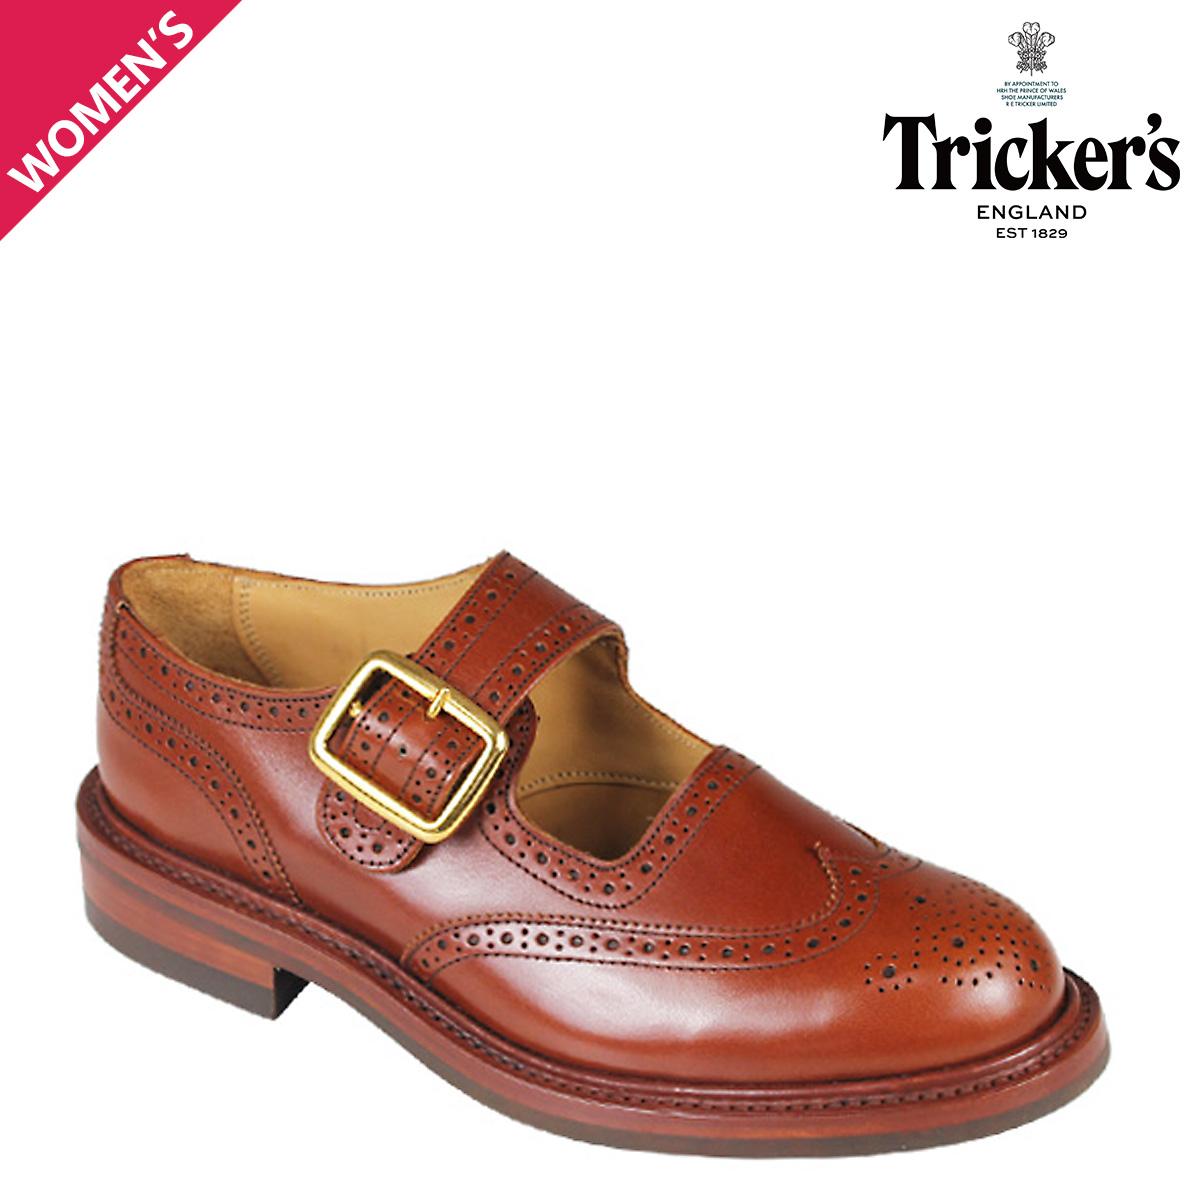 Tricker's トリッカーズ レディース ウイングチップ シューズ BUCKLE L6011 4ワイズ